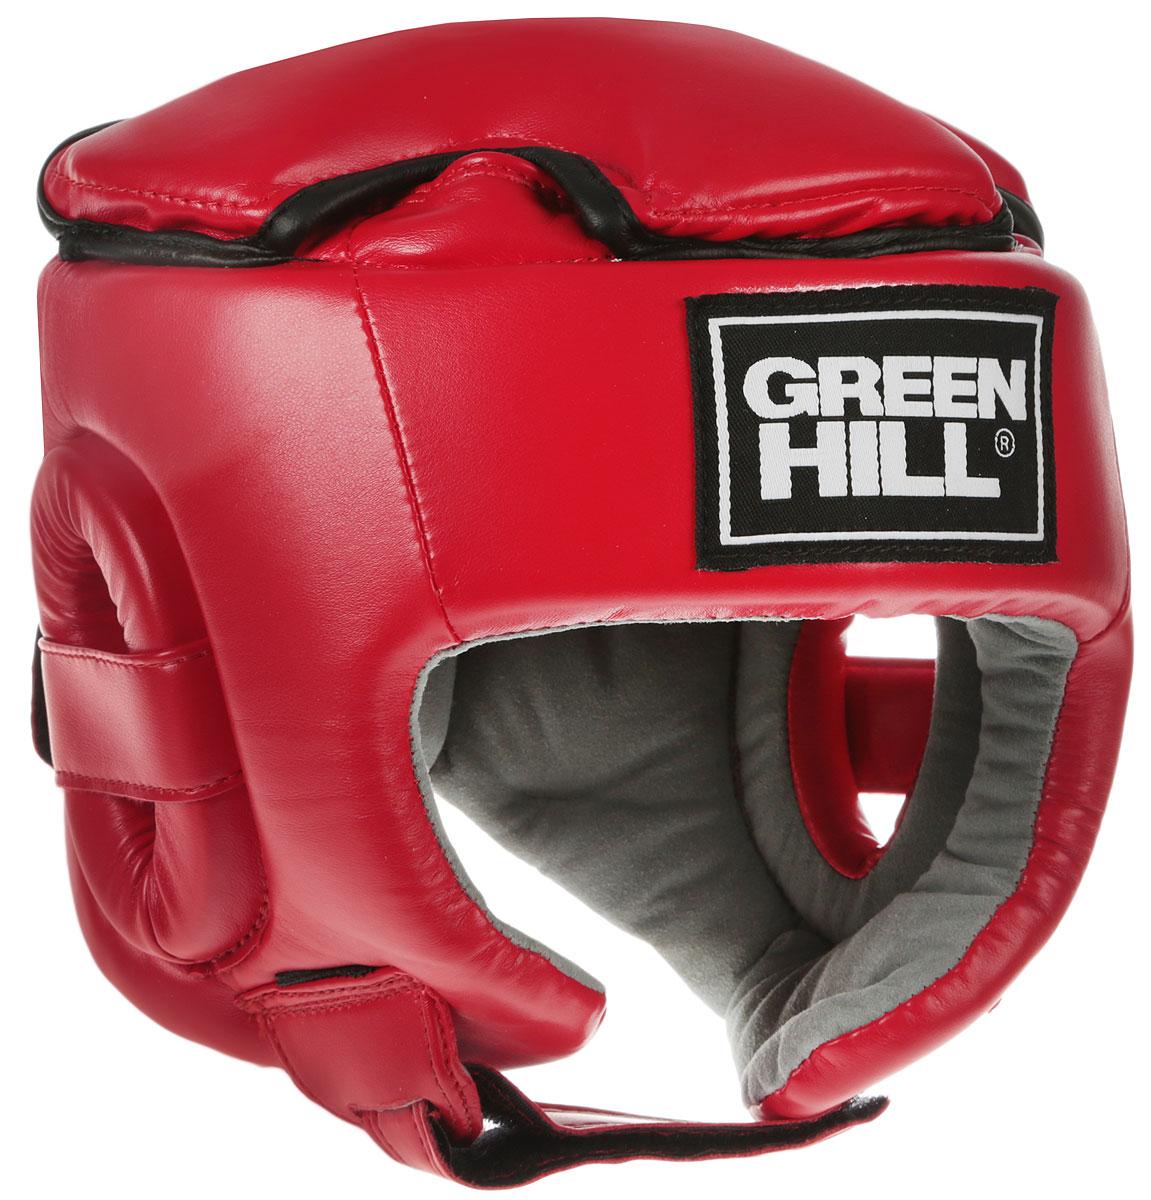 Шлем боксерский Green Hill Glory, цвет: красный. HGG-9046. Размер SHGG-9046Соревновательный шлем Green Hill Glory является конструктивной новинкой на рынке единоборств. Особенность конструкции в том, что крышка шлема сочетает в себе и шнуровку и крестообразный пенный модуль как в шлемах Best и Pro, обеспечивая тем самым защиту головы от ударов сверху с максимально гибкую фиксацию за счет шнуровки.Шлем будет интересен в первую очередь кикбоксерам.Внешняя сторона шлема выполнена из пенополиуретан FX, внутренняя сторона из искусственной замши Amara.